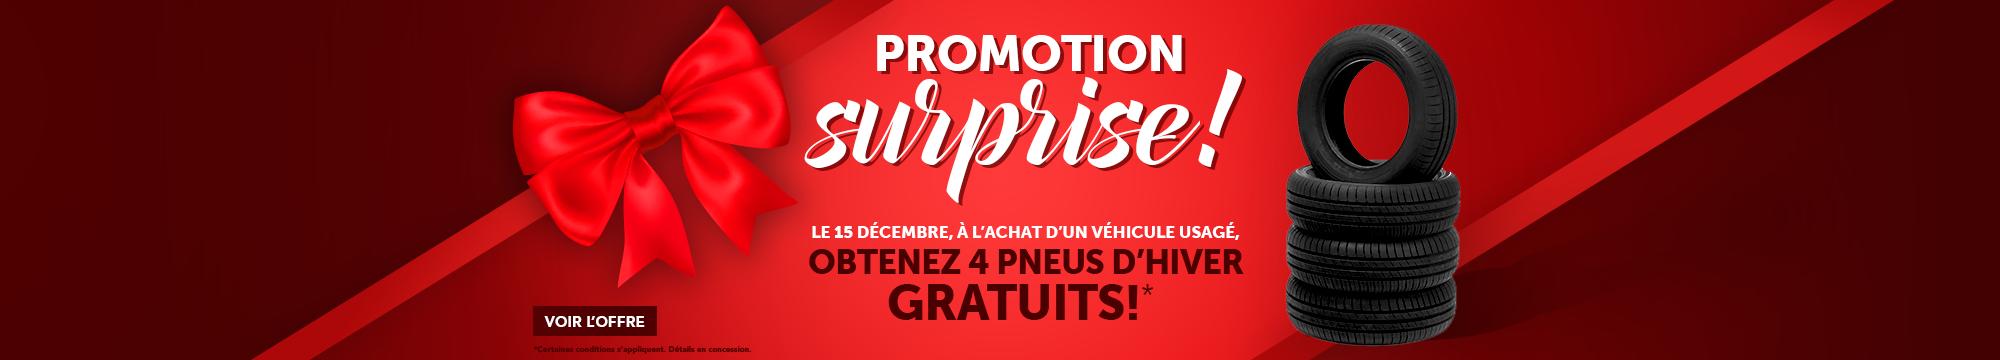 Promotion surprise!